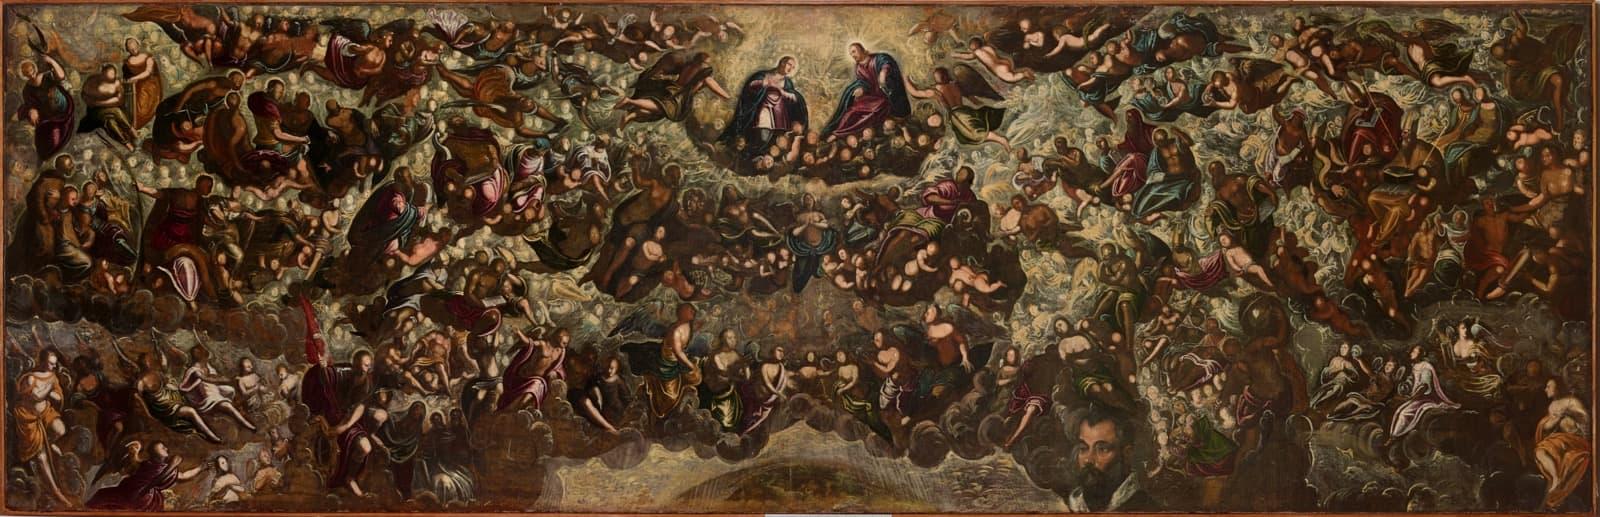 Tintoretto, Paradise